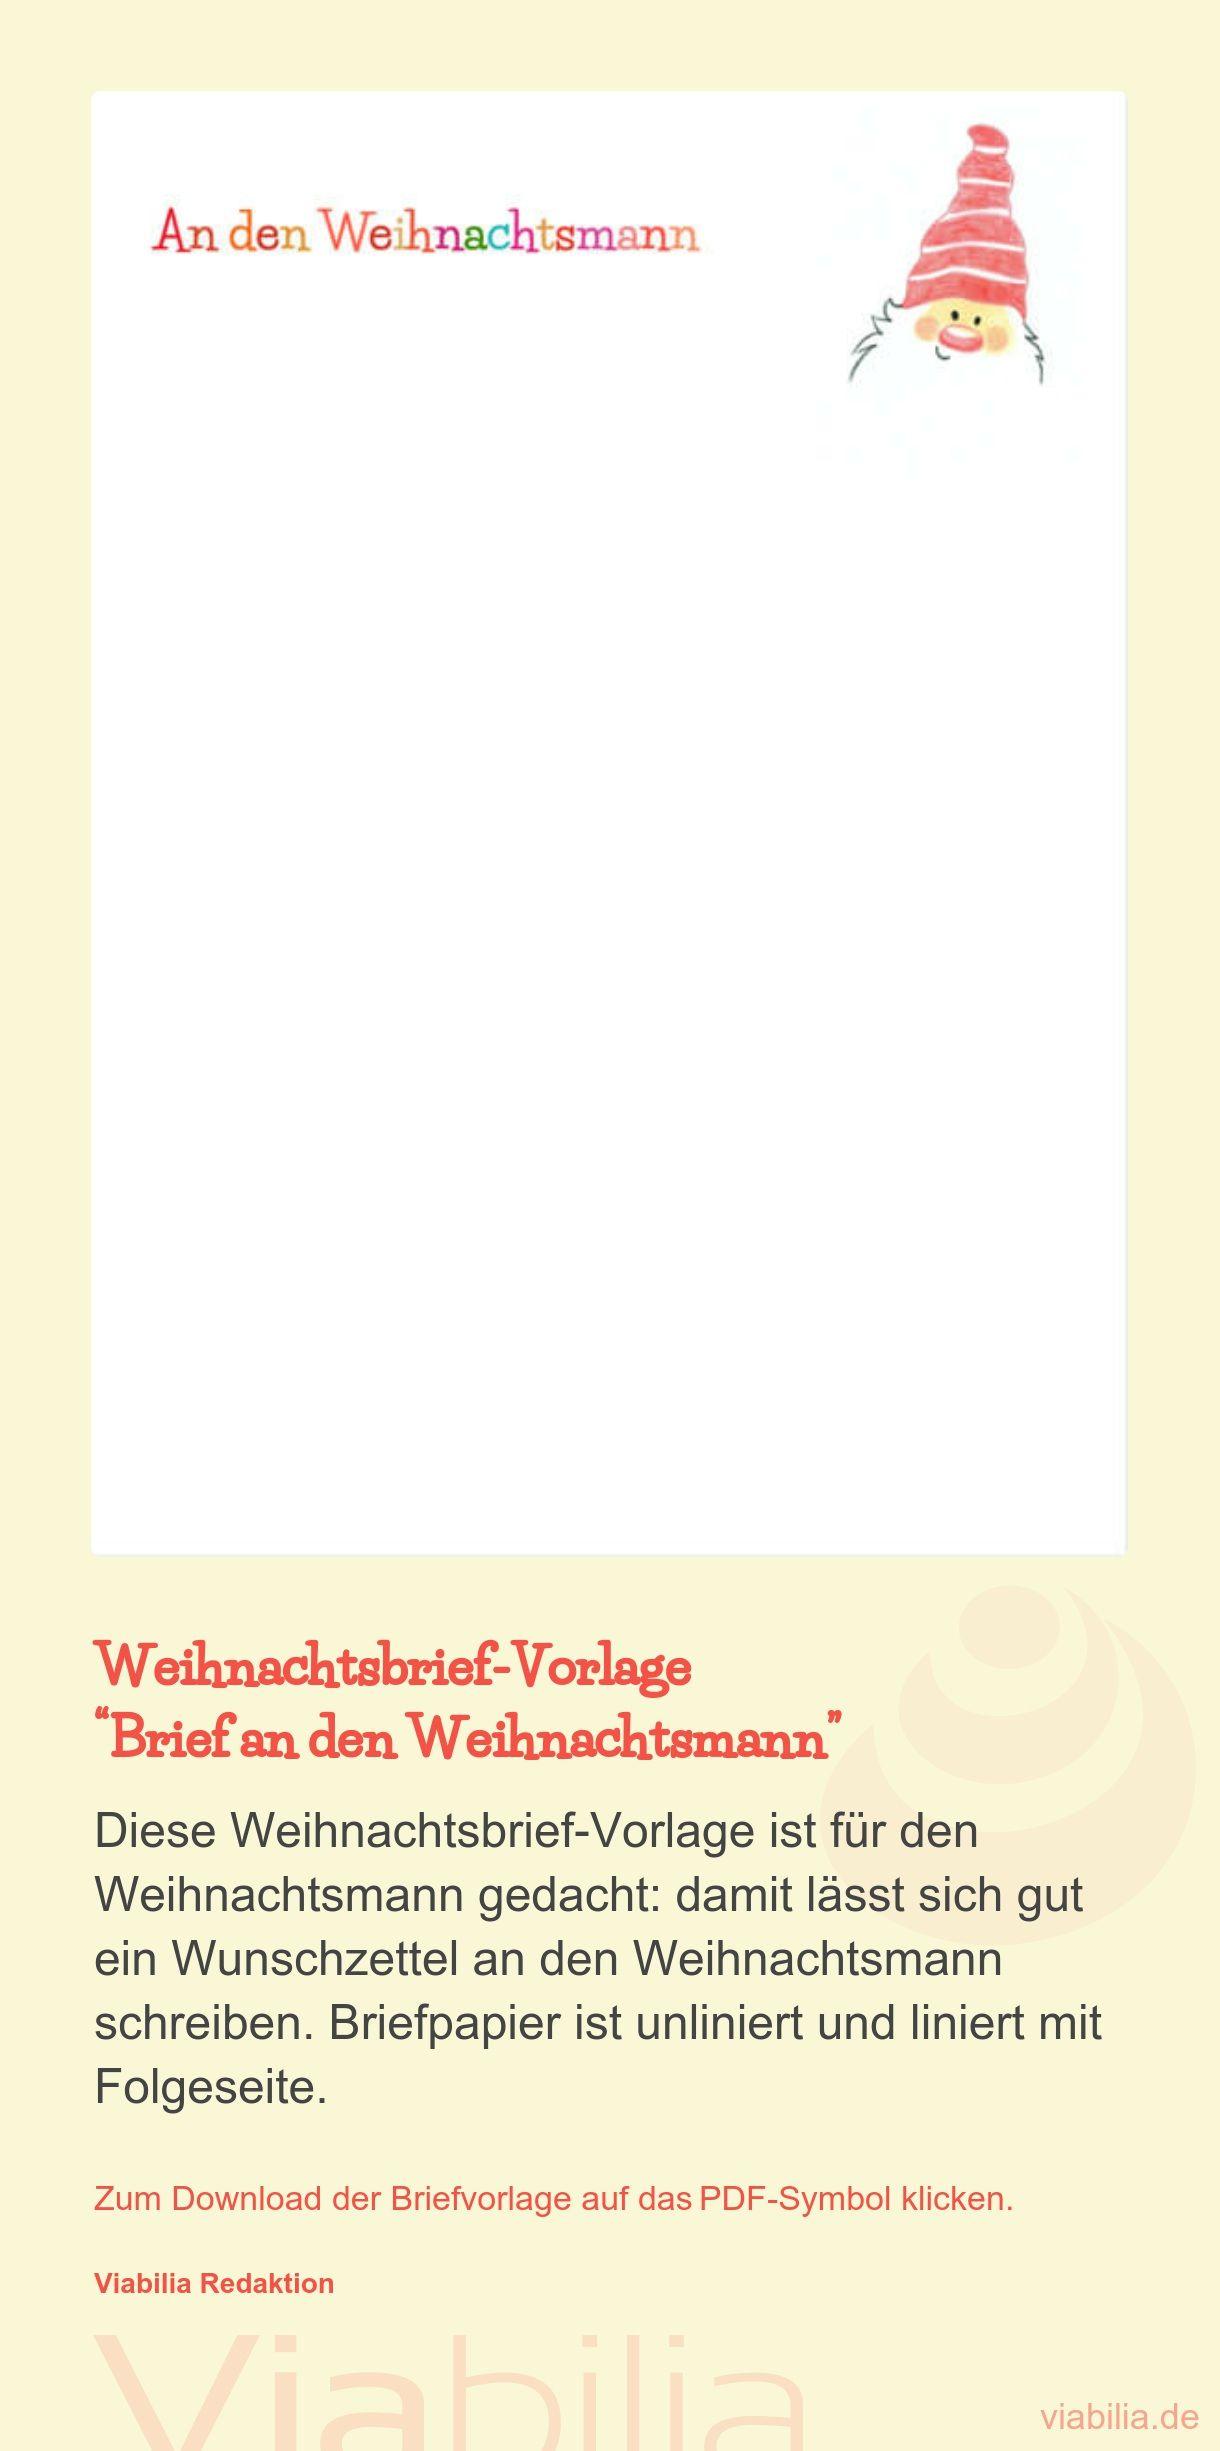 Weihnachtspapier Zum Ausdrucken Als Pdf: Eine Briefvorlage über Weihnachtsbriefpapier Zum Ausdrucken